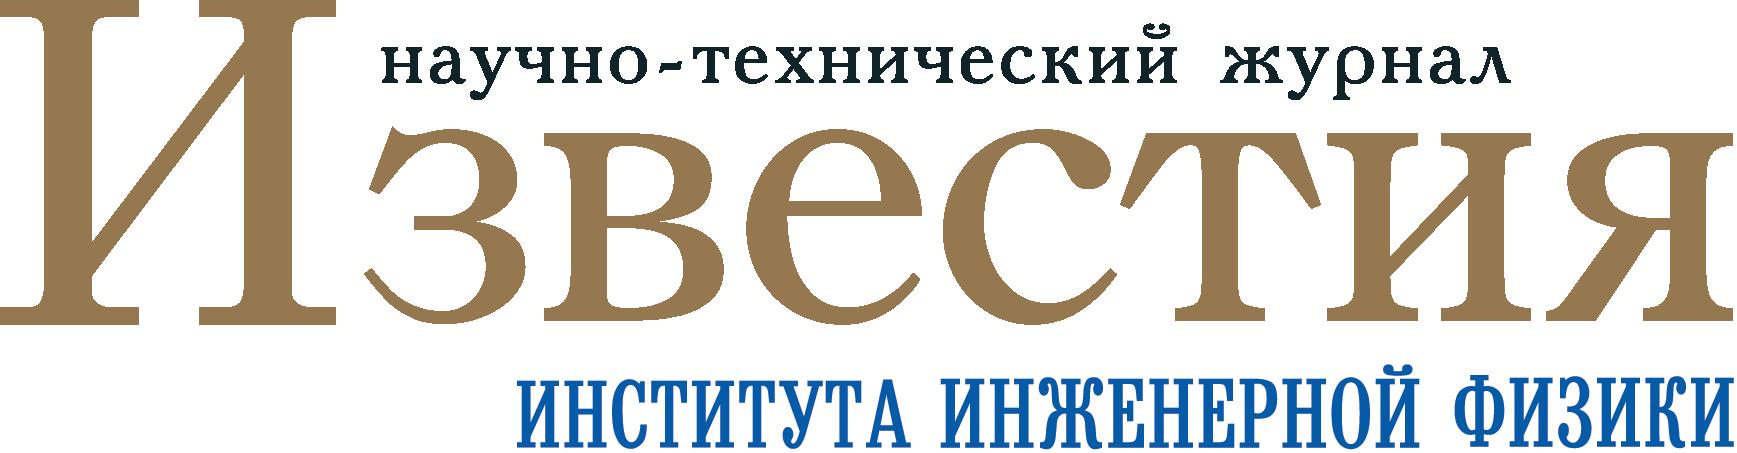 Известия Института инженерной физики (ИИФ)